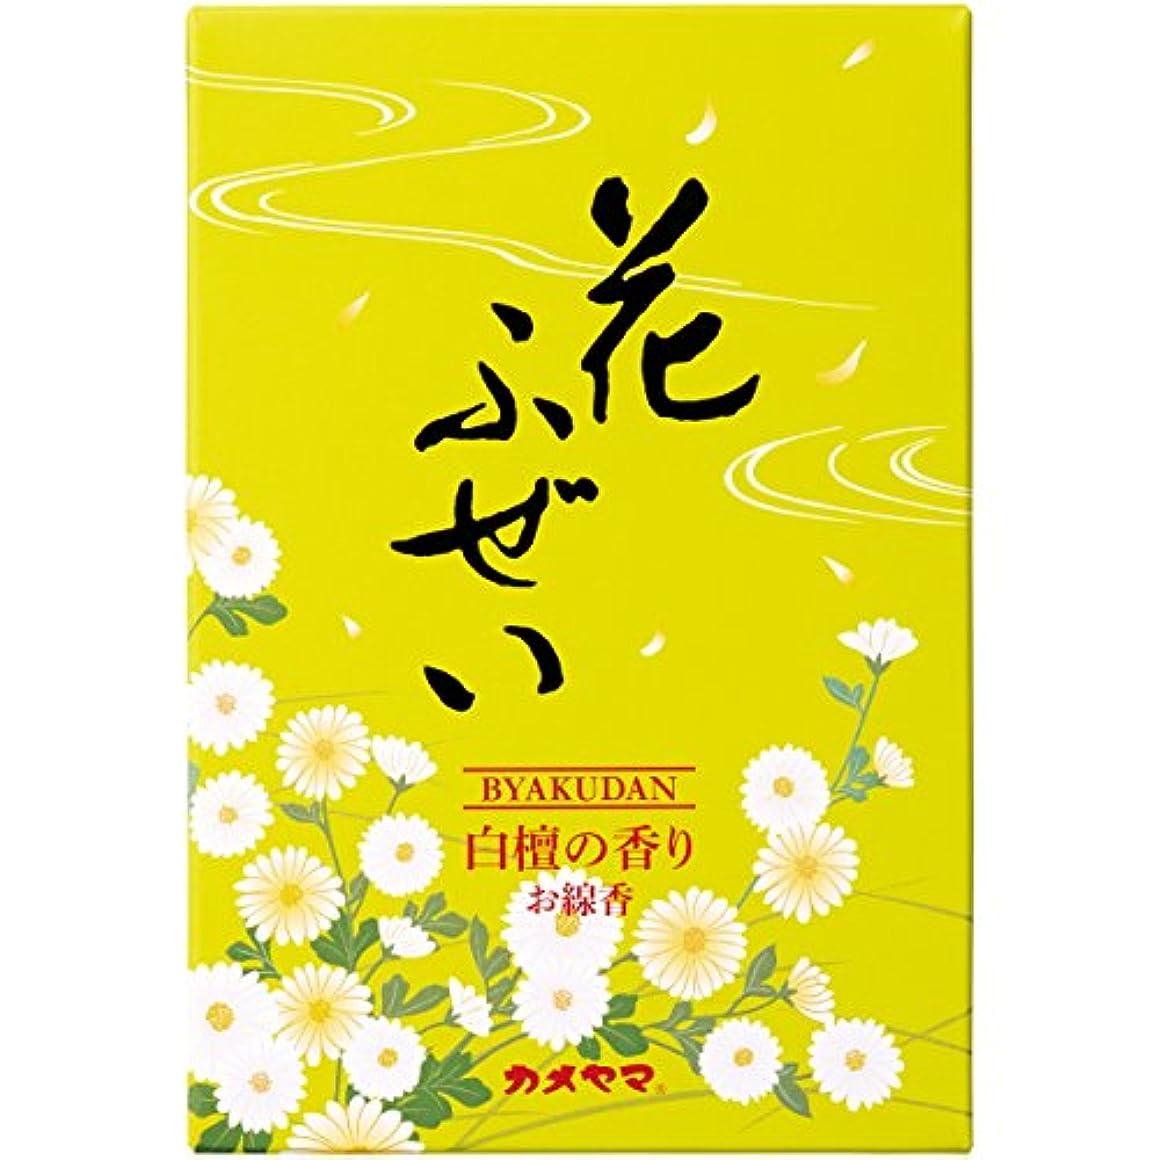 象お勧め確執カメヤマ 花ふぜい(黄)白檀 徳用大型